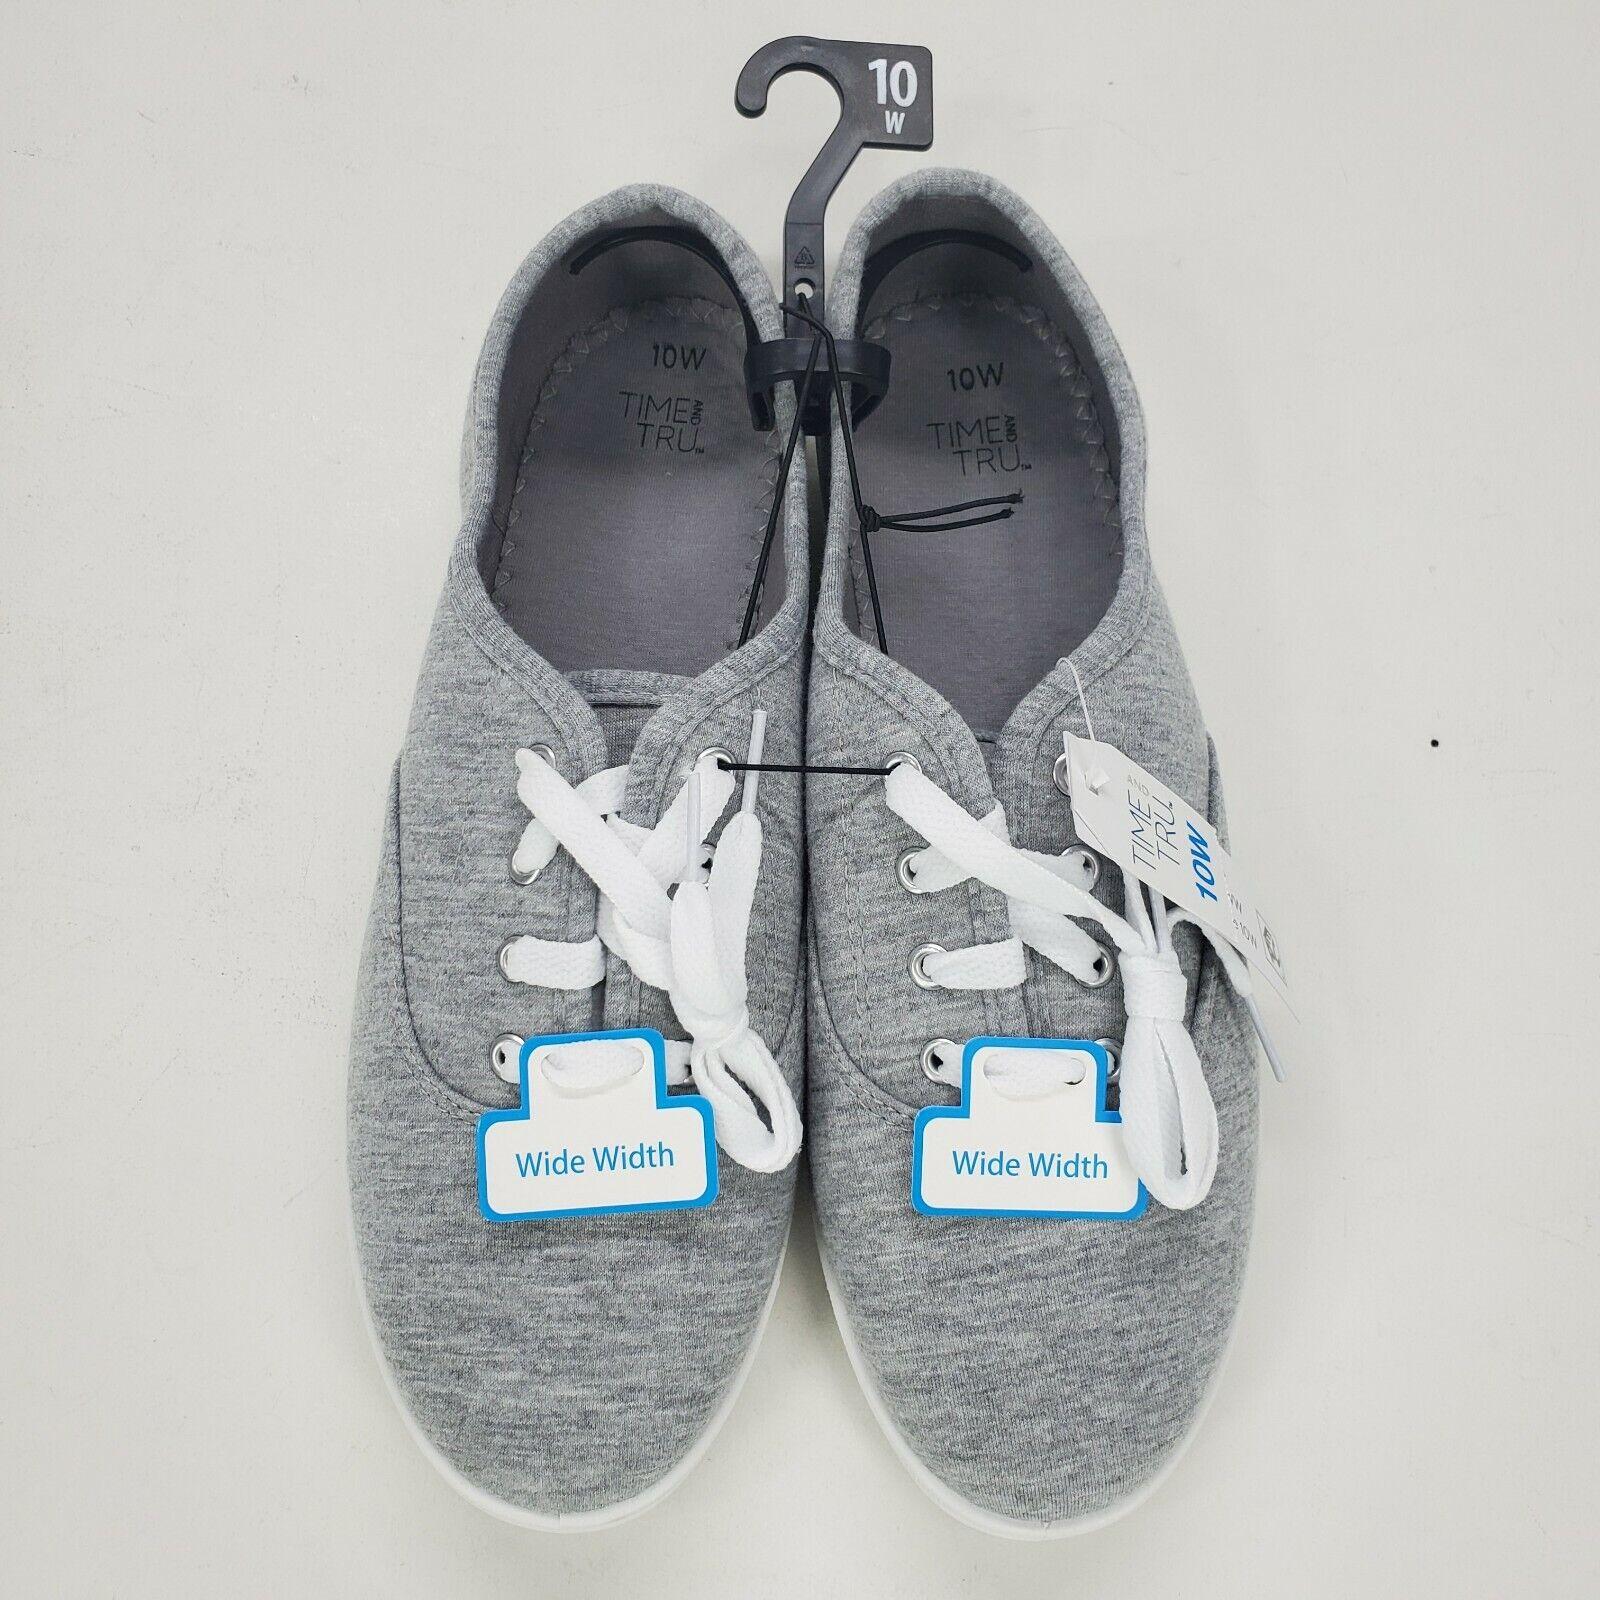 Casual Lace Up Canvas Shoes sz